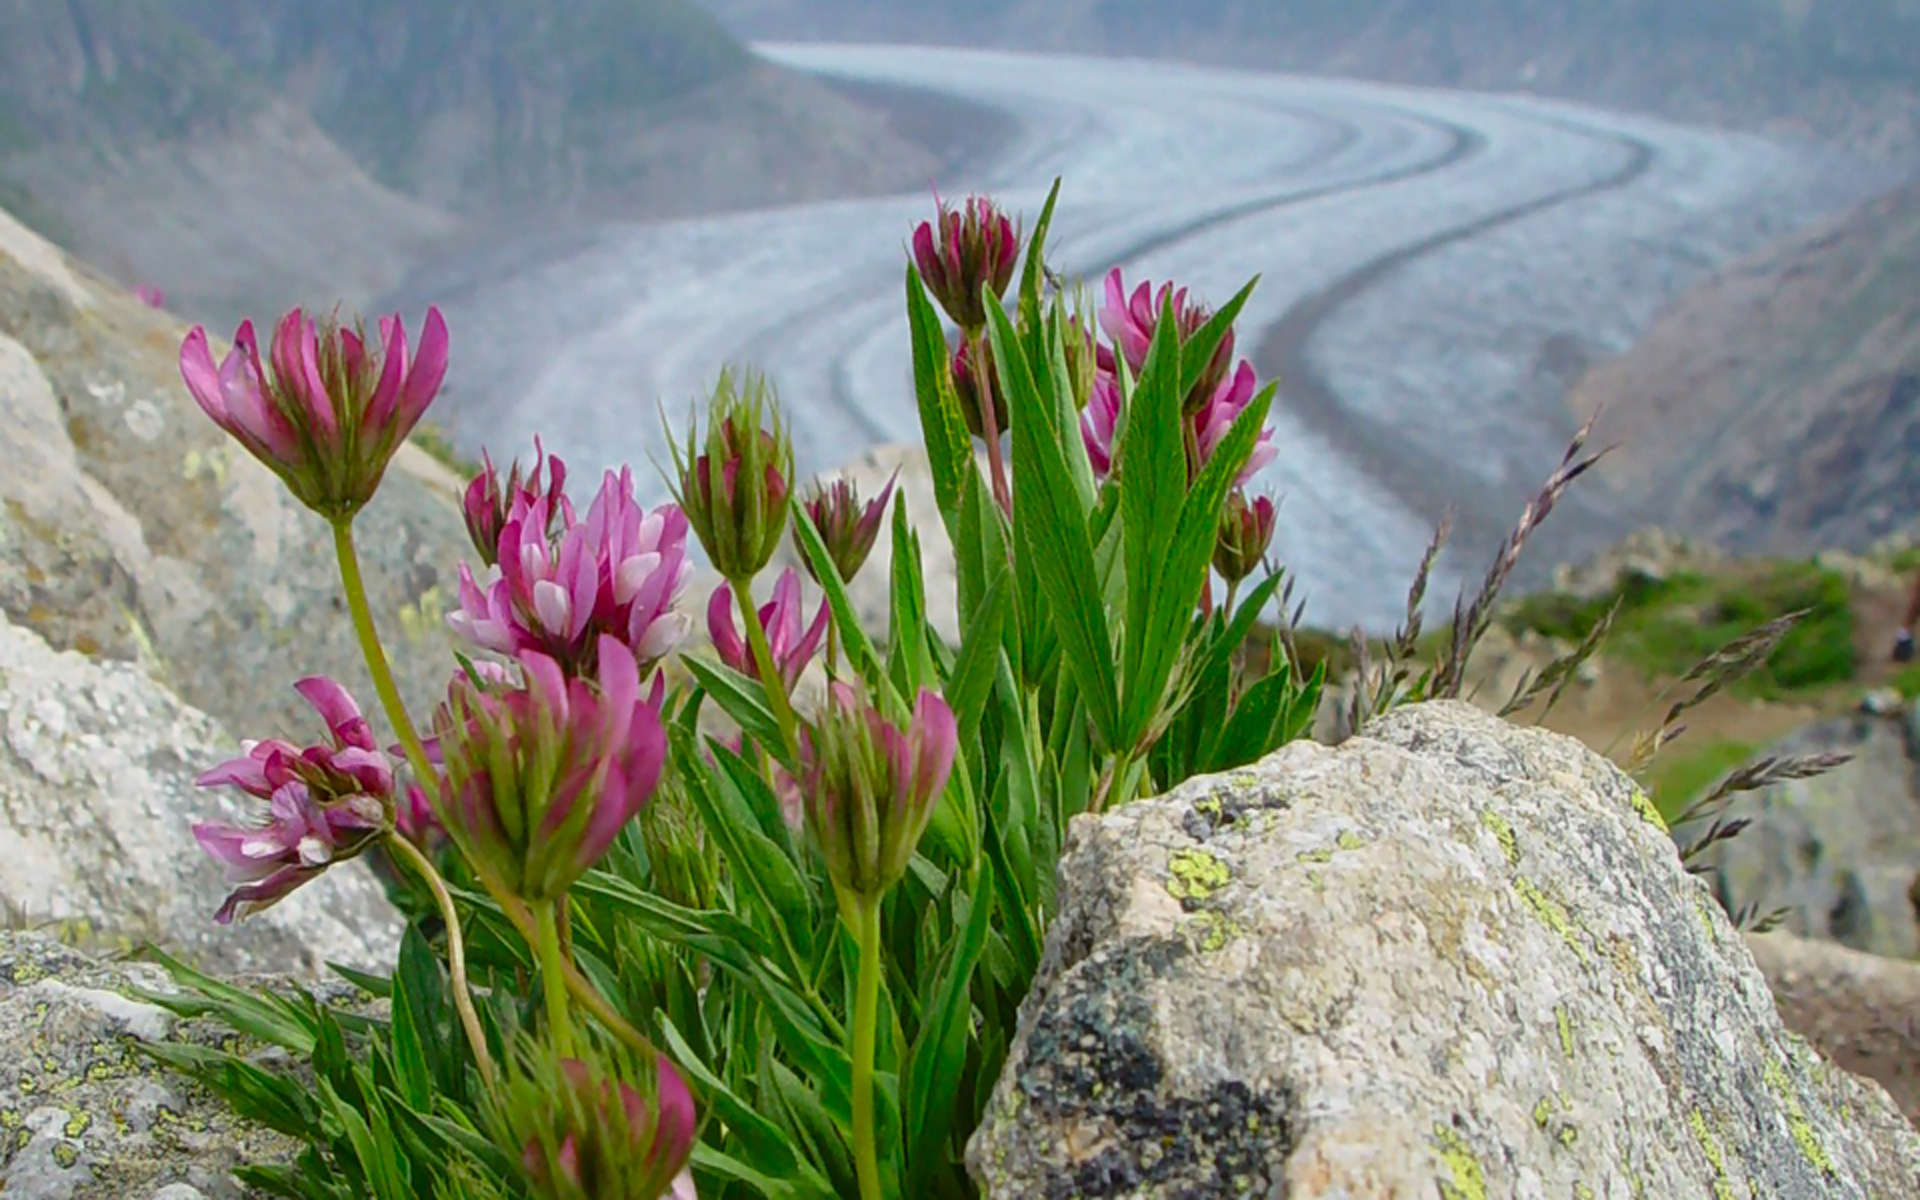 Trèfle des Alpes (Crédits: josef.stuefer - Flickr)